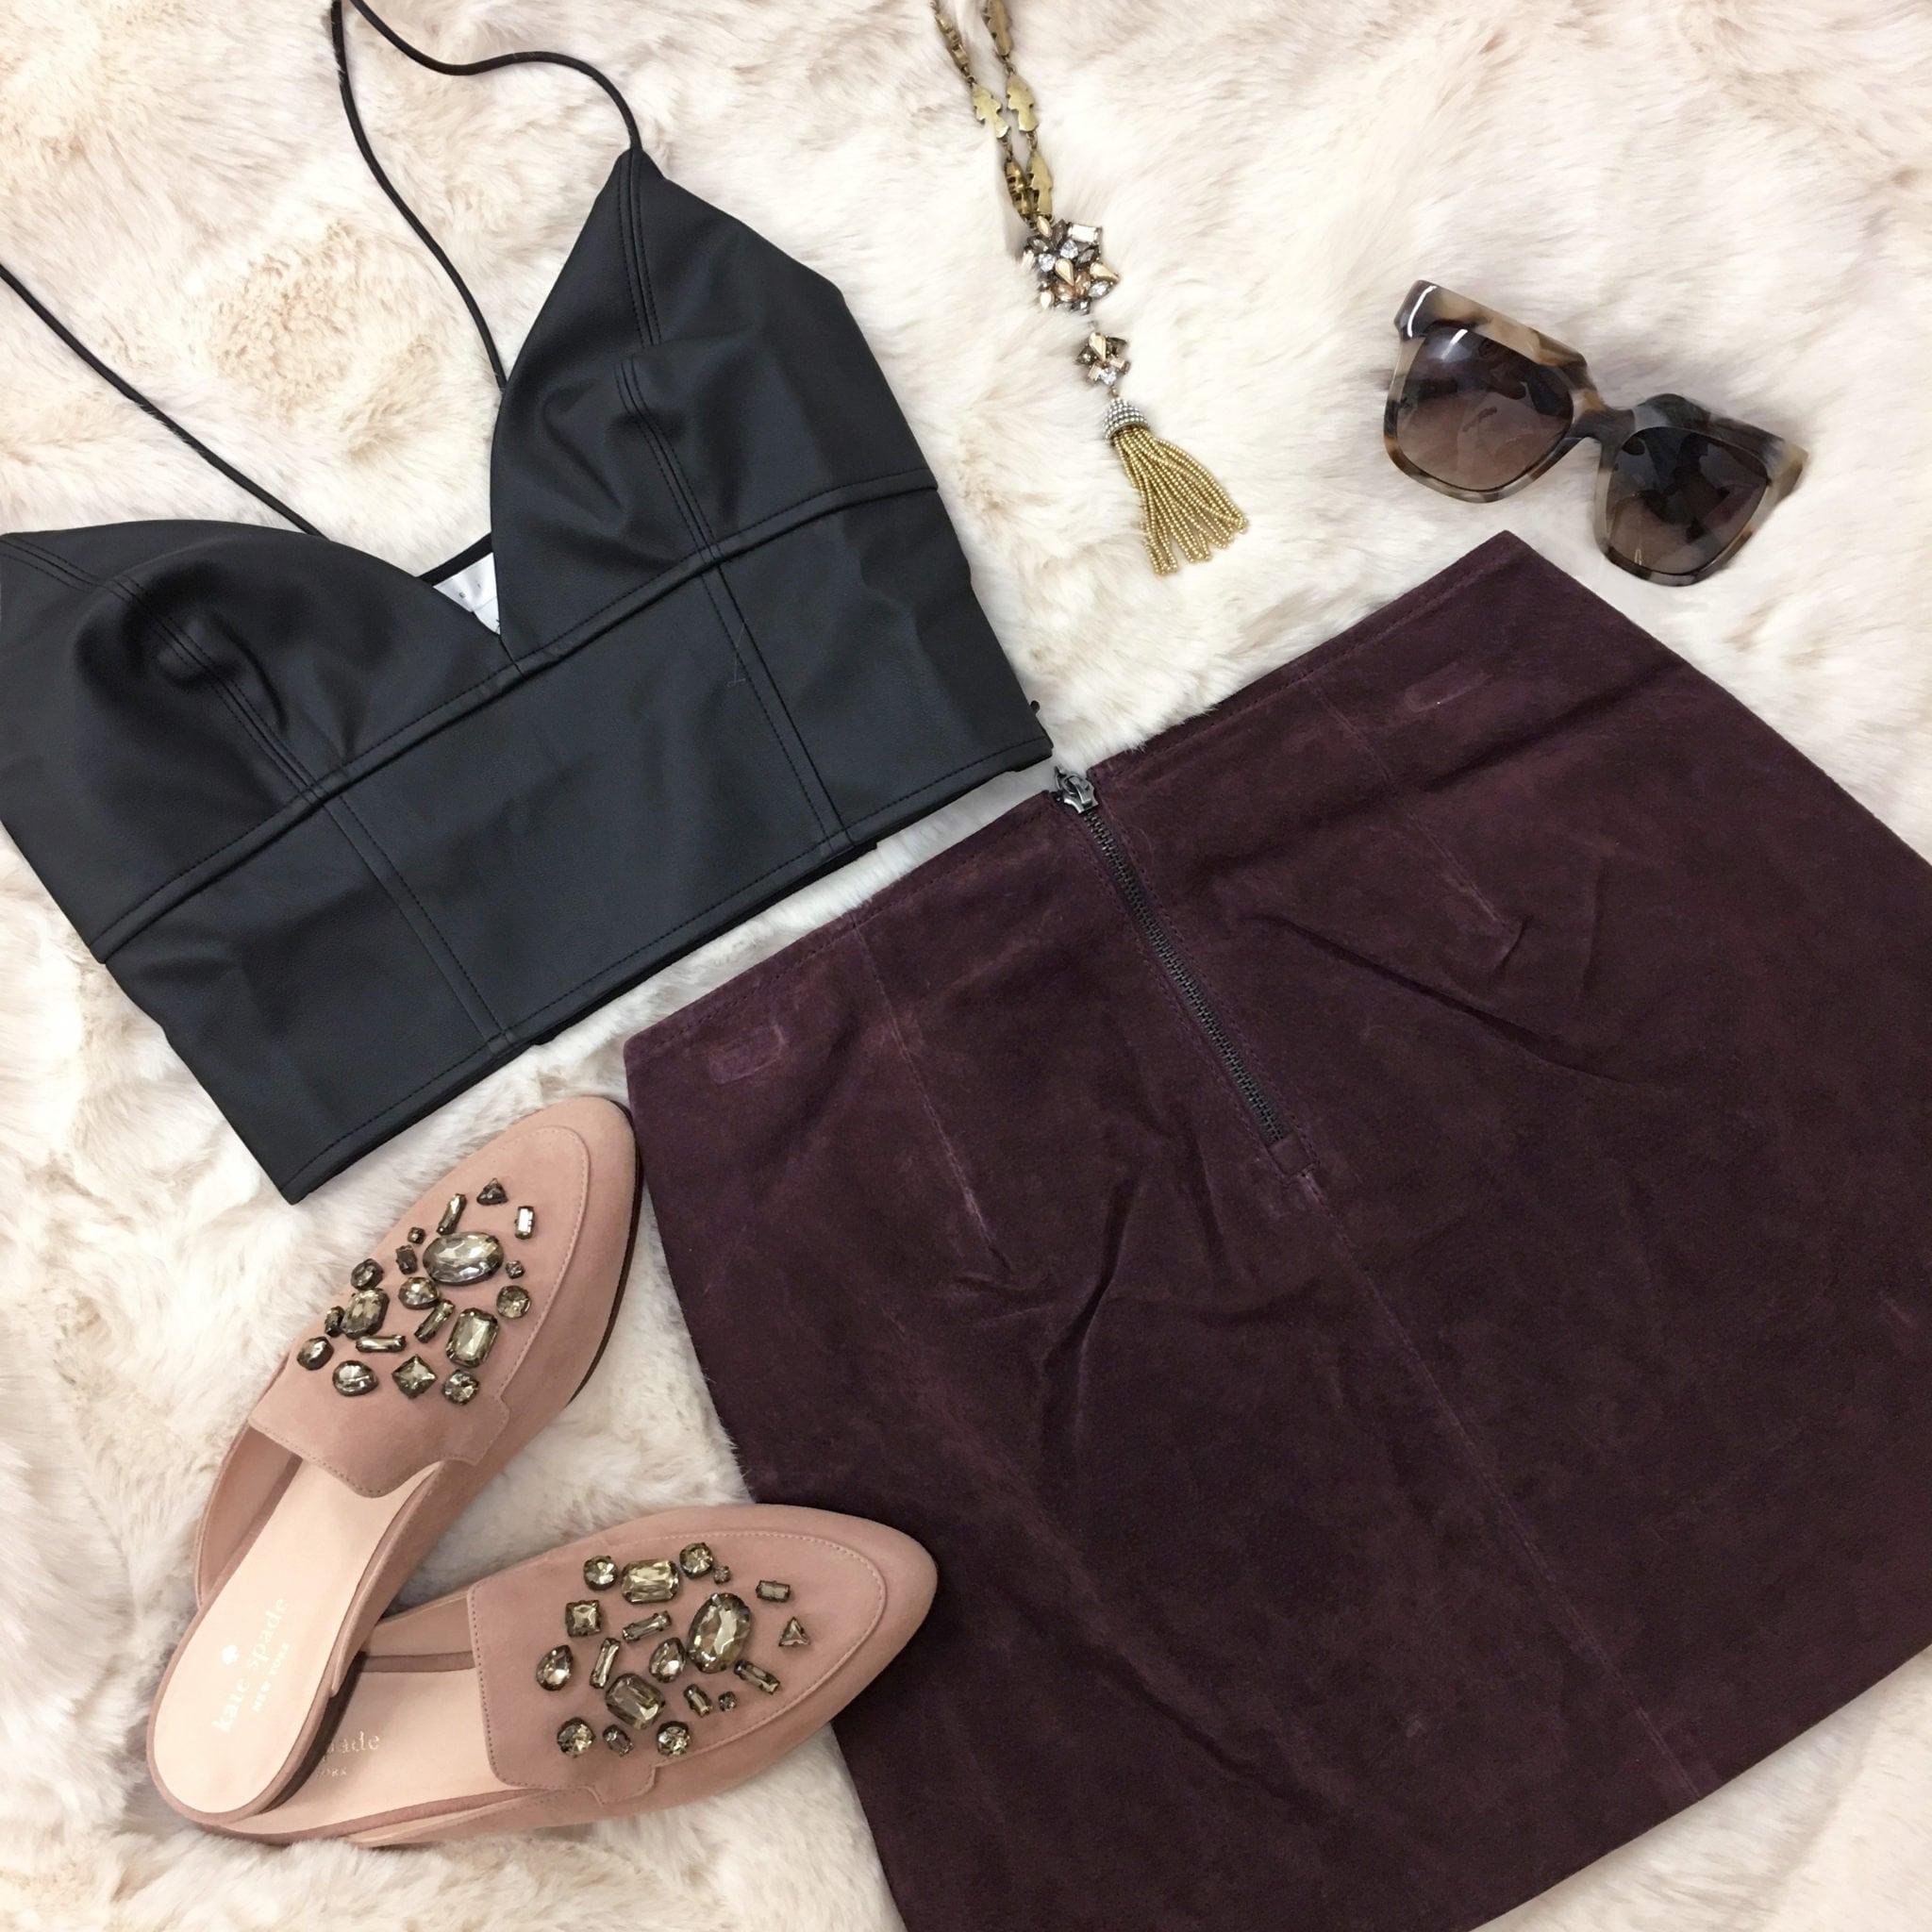 Nordstrom try on haul | beauty style blogger Mash Elle |  Nordstrom Anniversary Sale | mini skirt